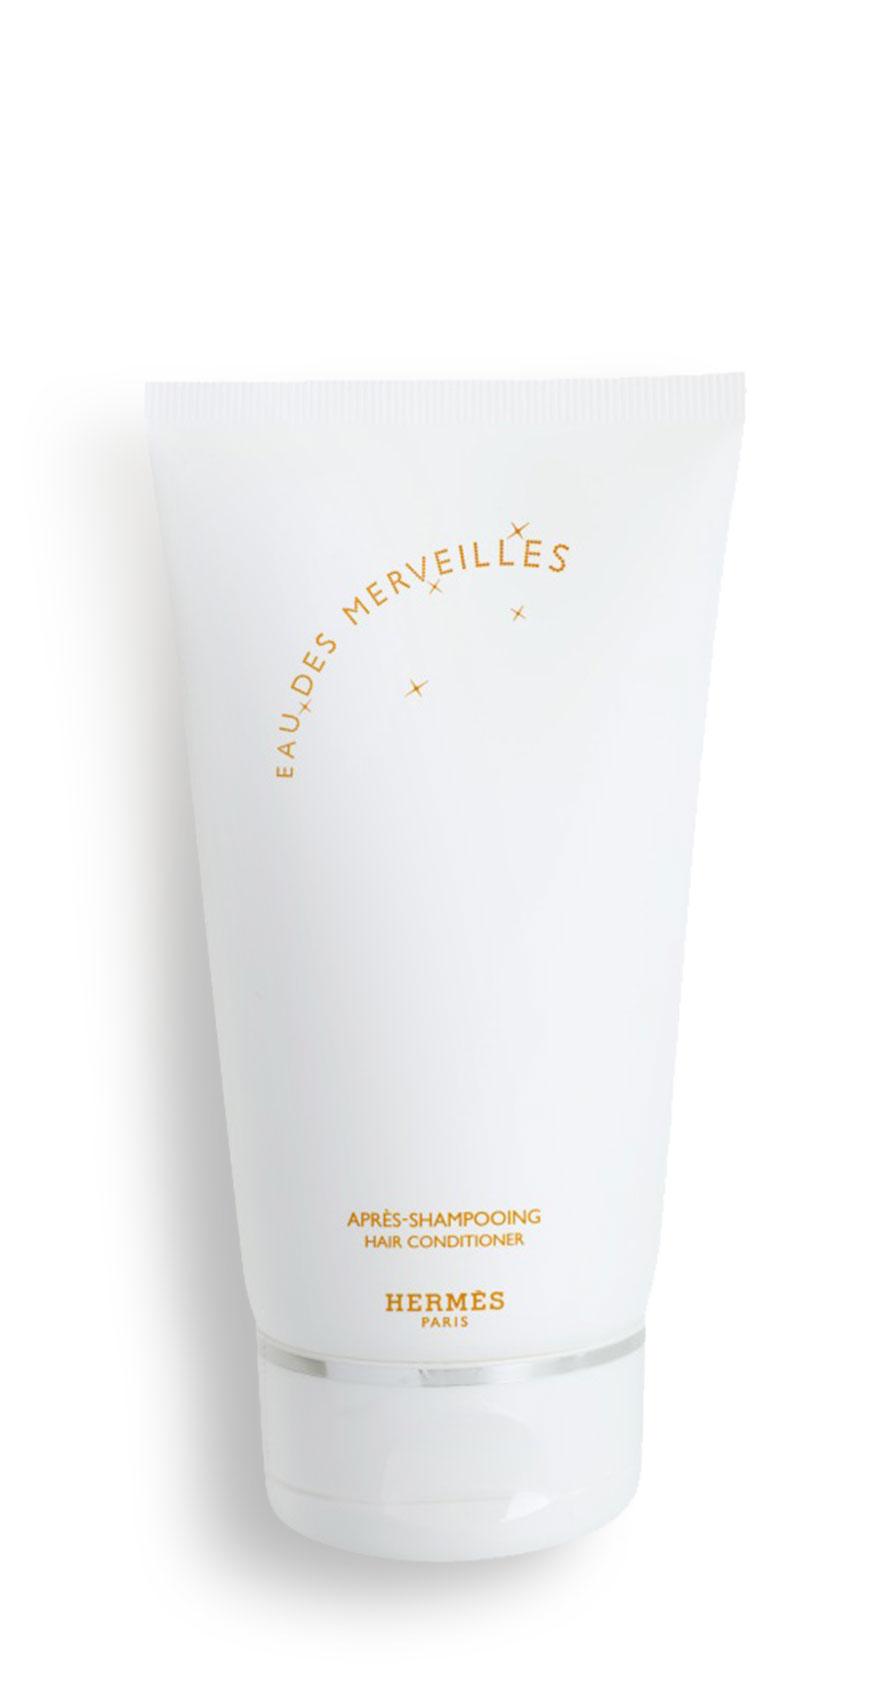 Hermès - Eau des merveilles - Après-shampooing - 150 ml.